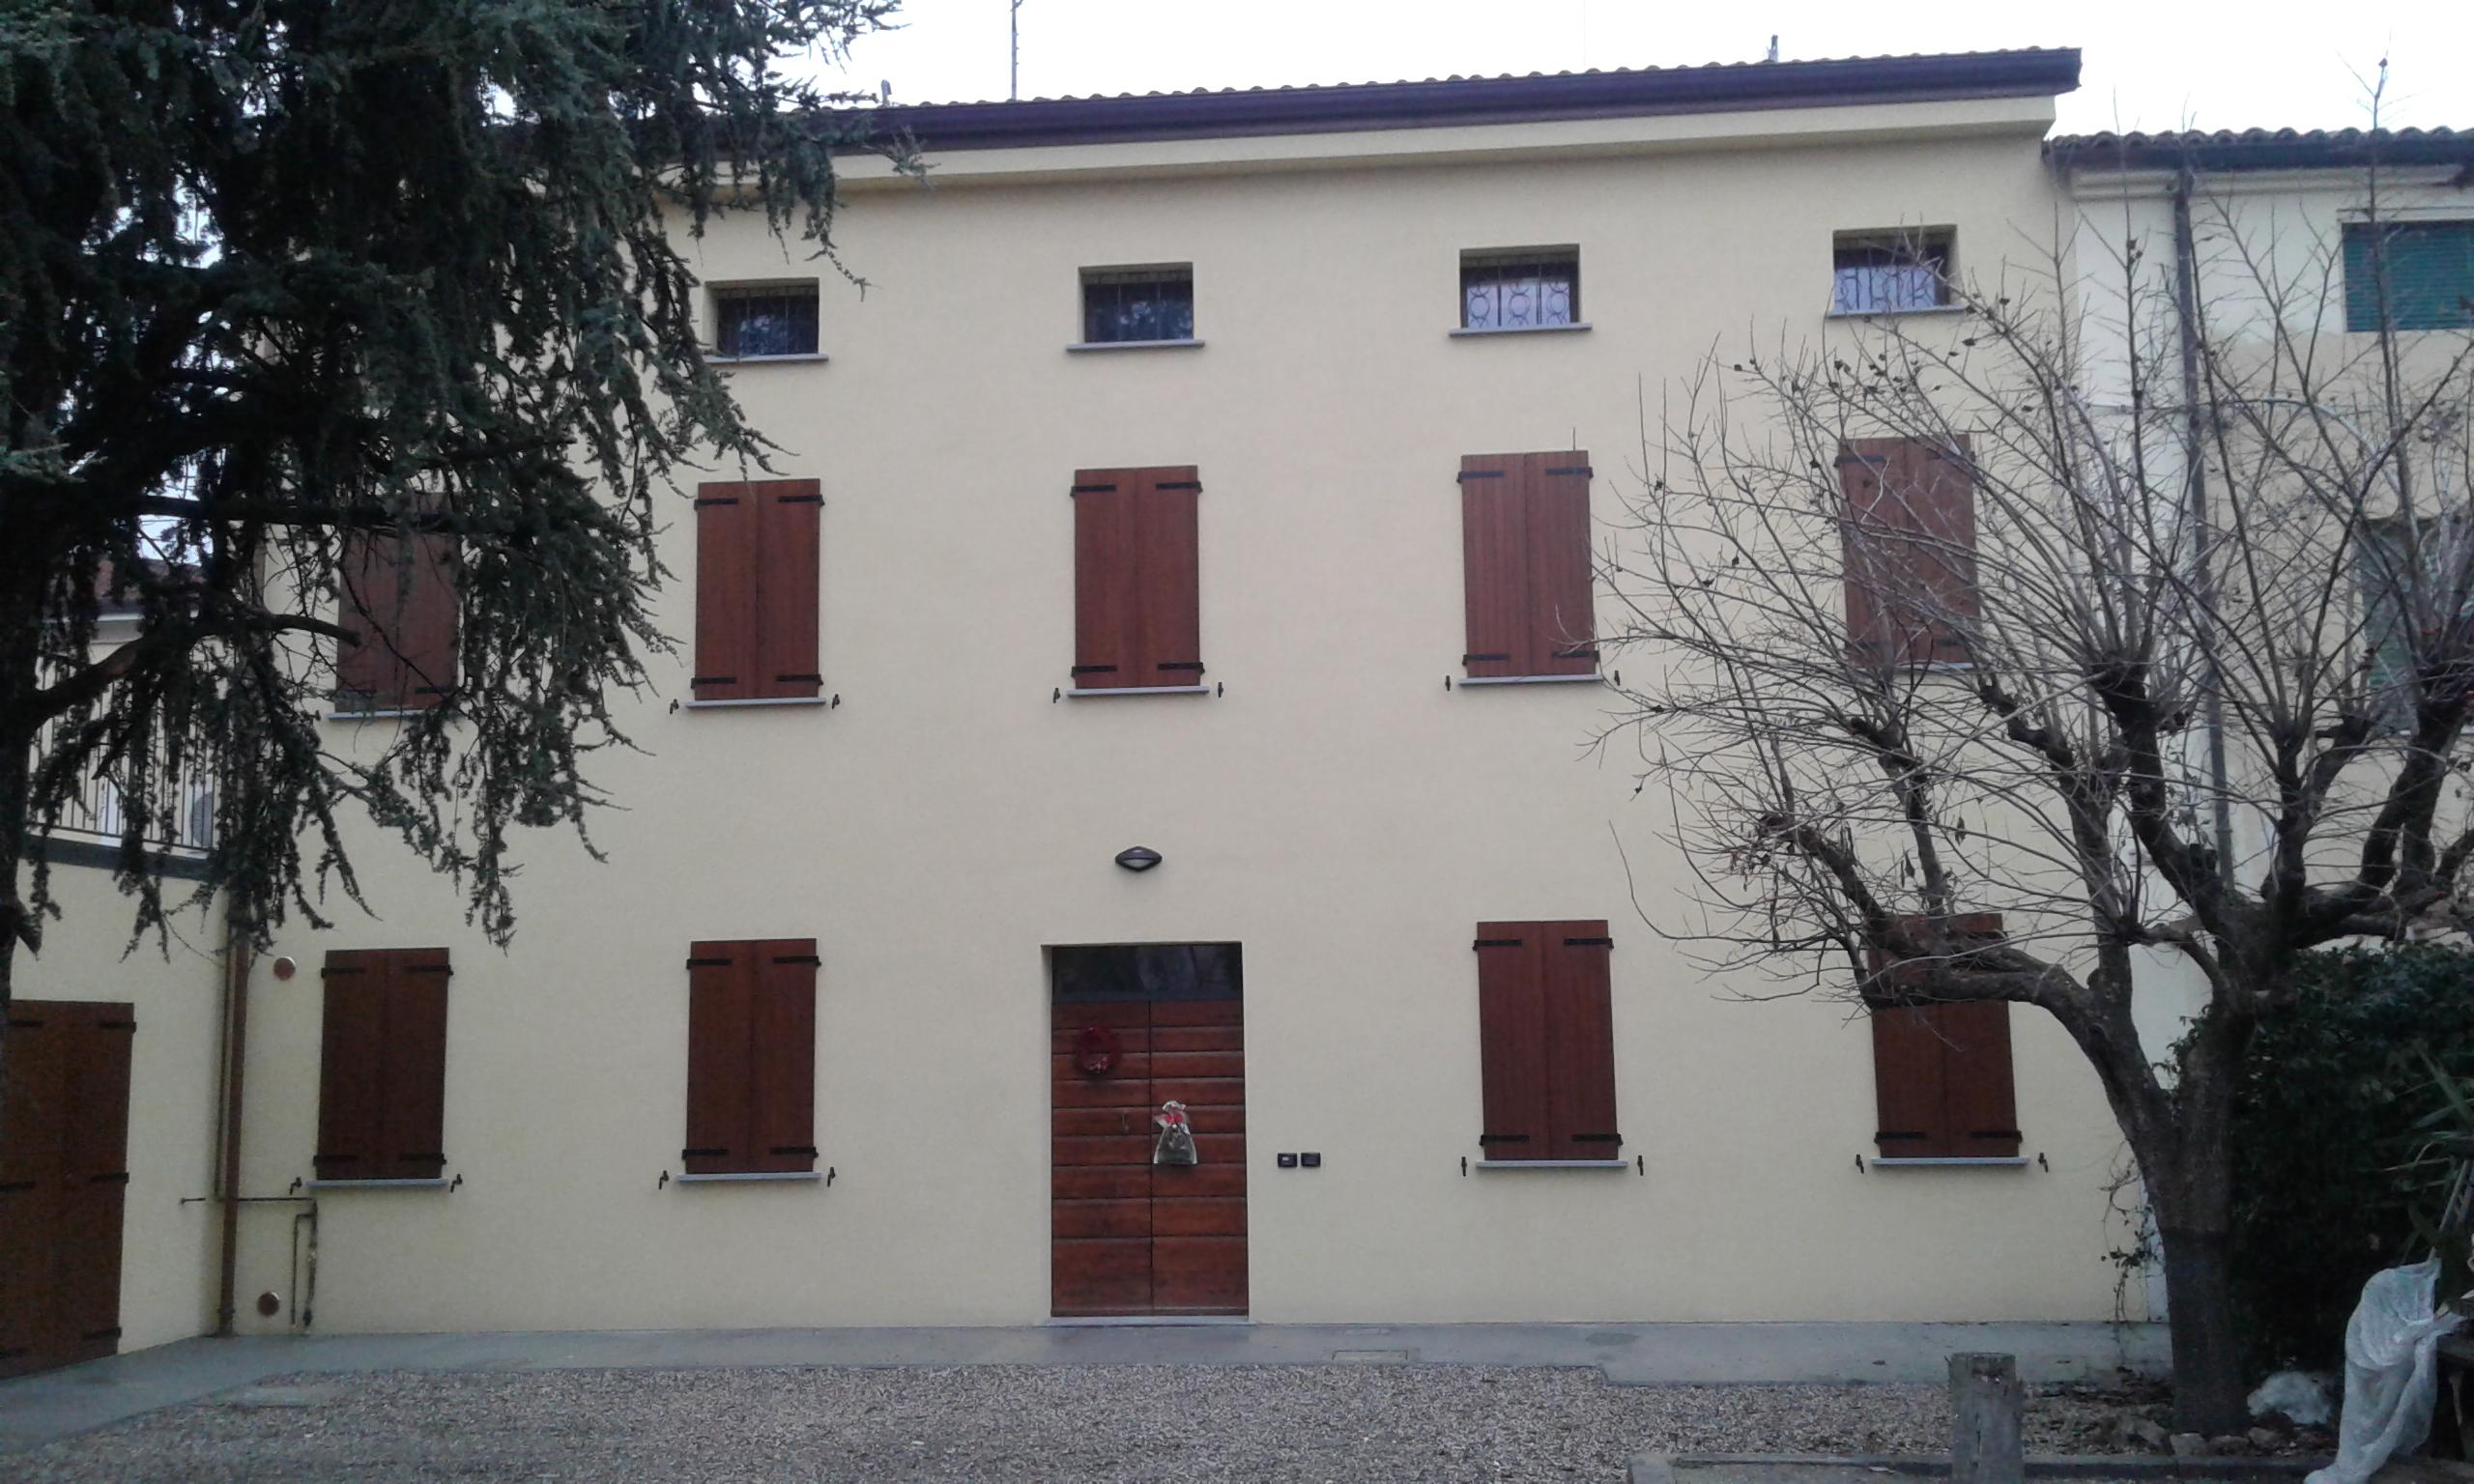 Demolizione e ricostruzione nel comune di Reggiolo (RE) - ITON SRL